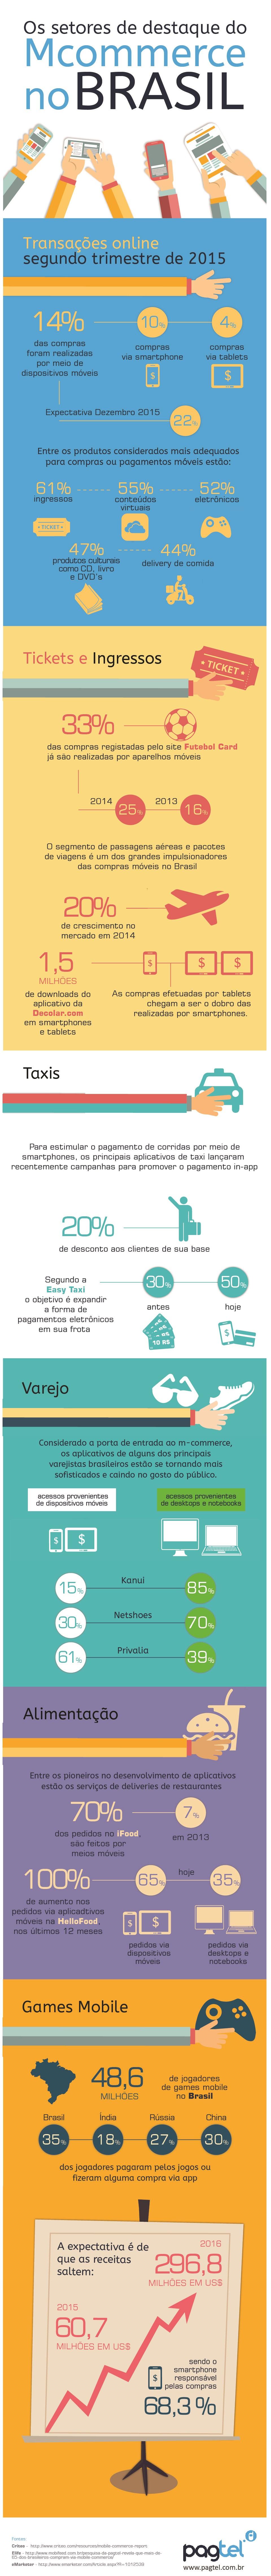 Infográfico mostra a força dos portáteis no comércio brasileiro